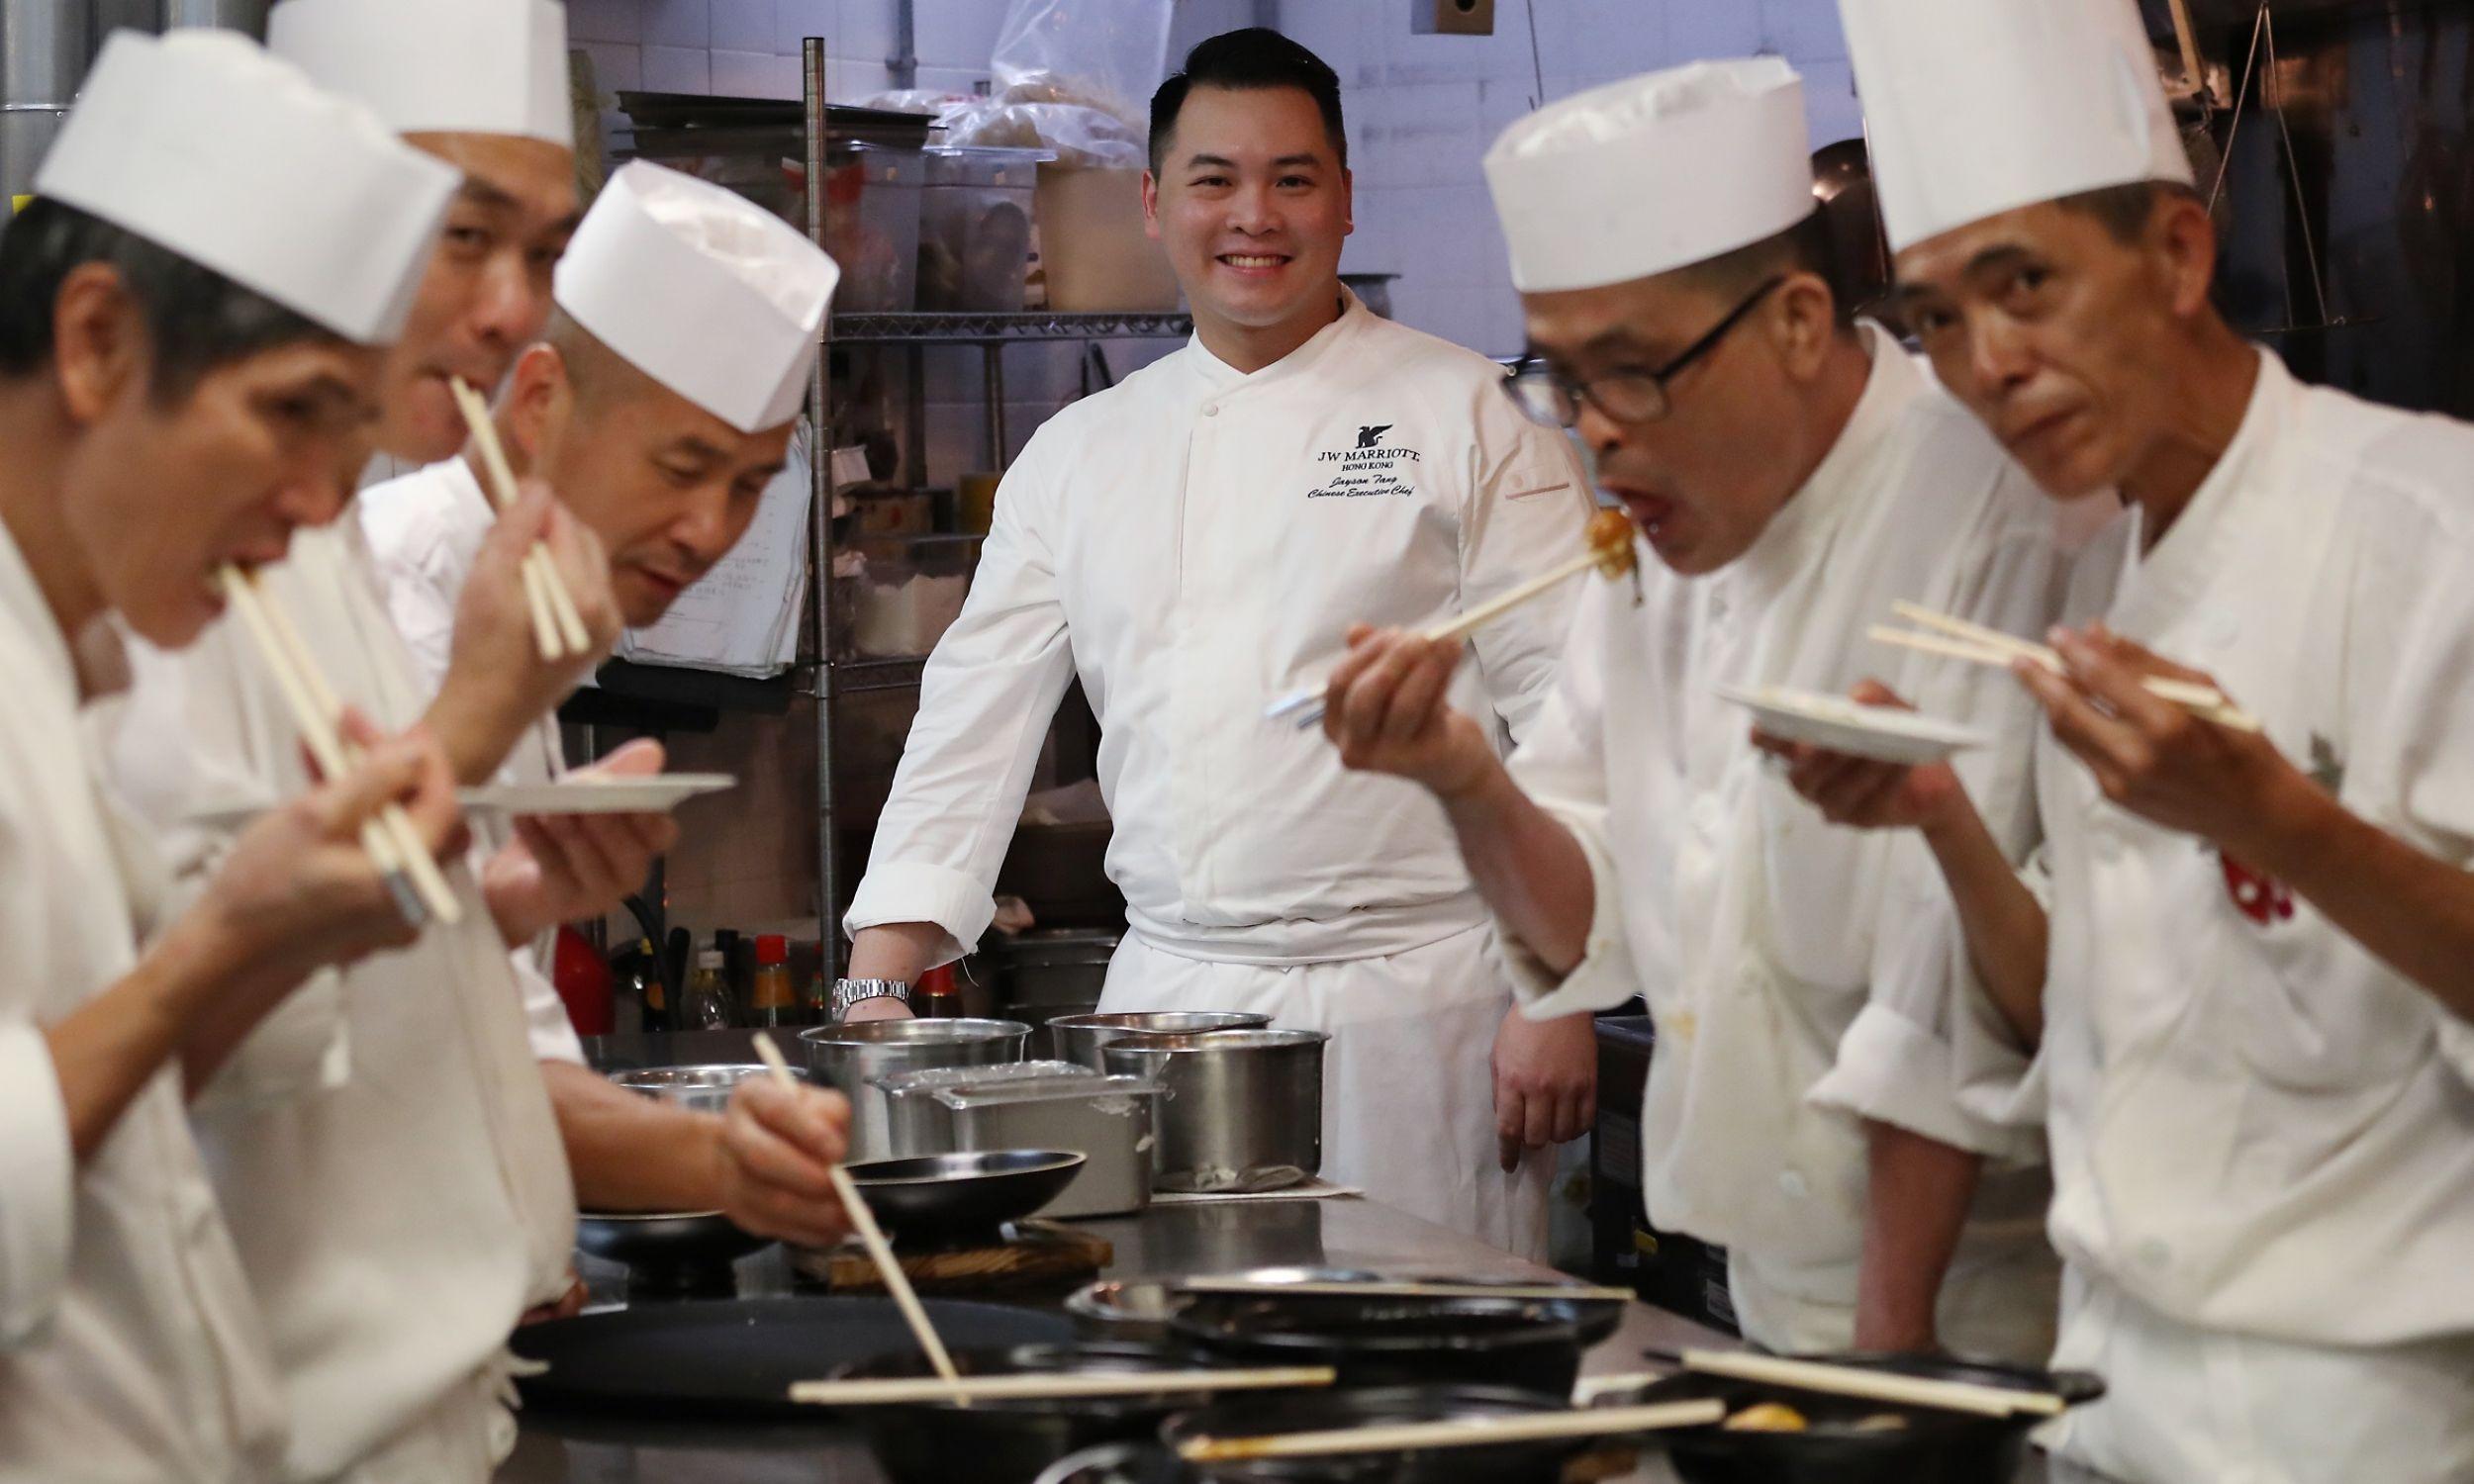 Jayson Tang, chiński szef kuchni restauracji w Admiralicji, w hotelu JW Marriott w Hongkongu, demonstruje potrawy innym szefom kuchni, 2016 rok. Fot. Nora Tam / South China Morning Post via Getty Images